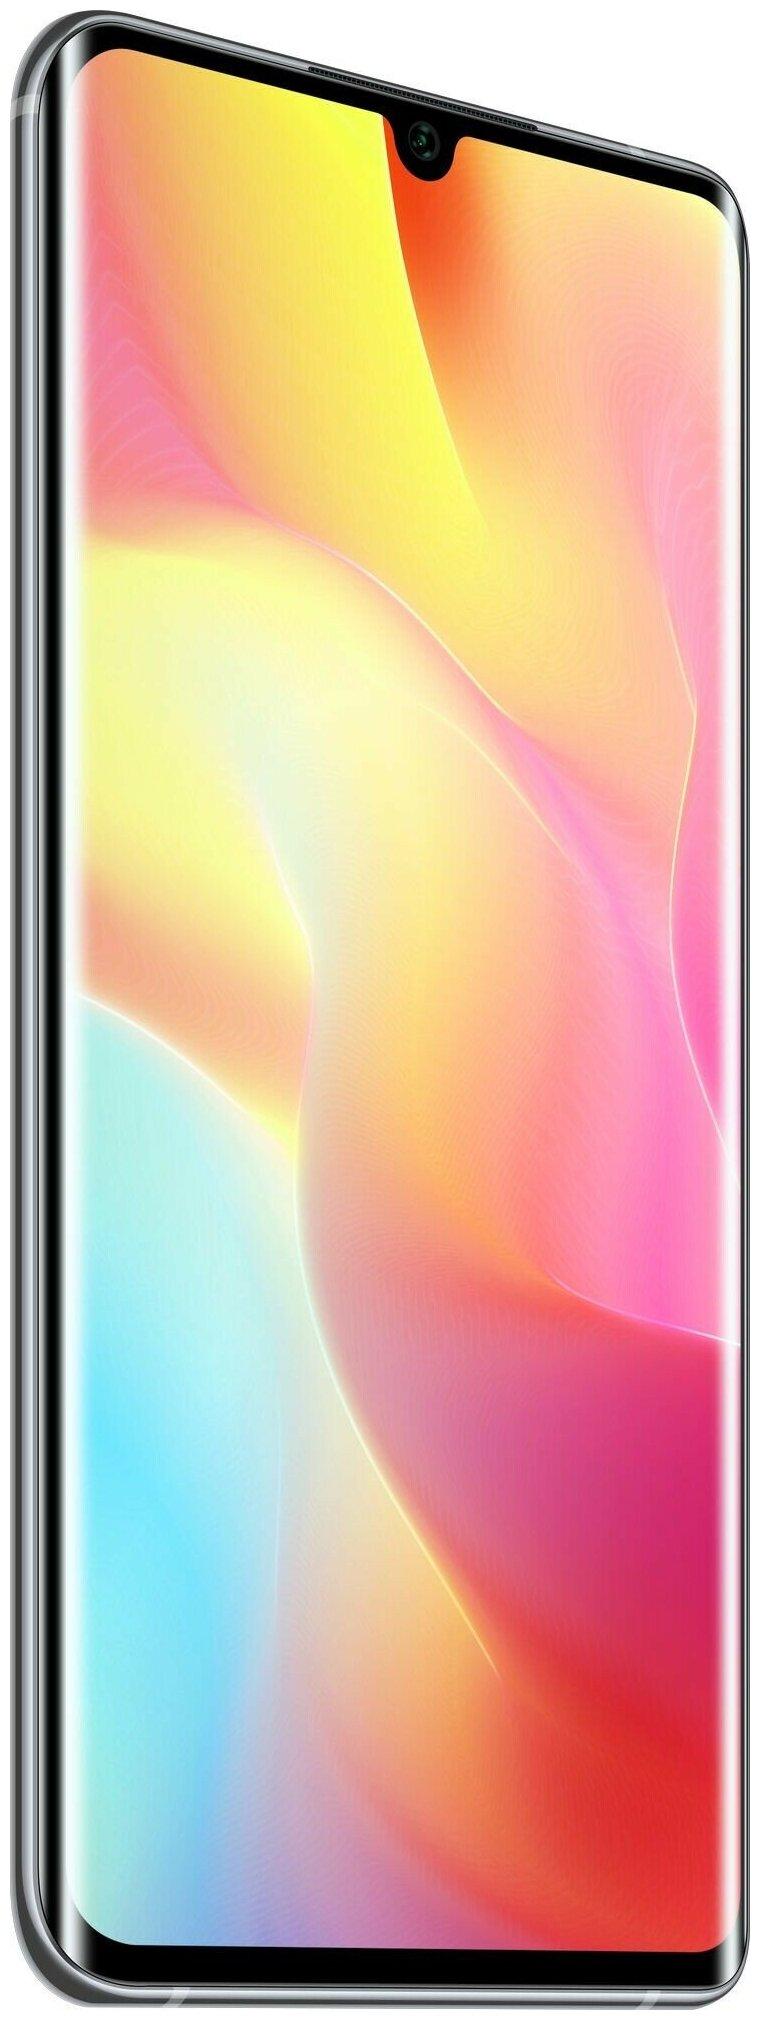 Фото #4: Xiaomi Mi Note 10 Lite 6/128GB